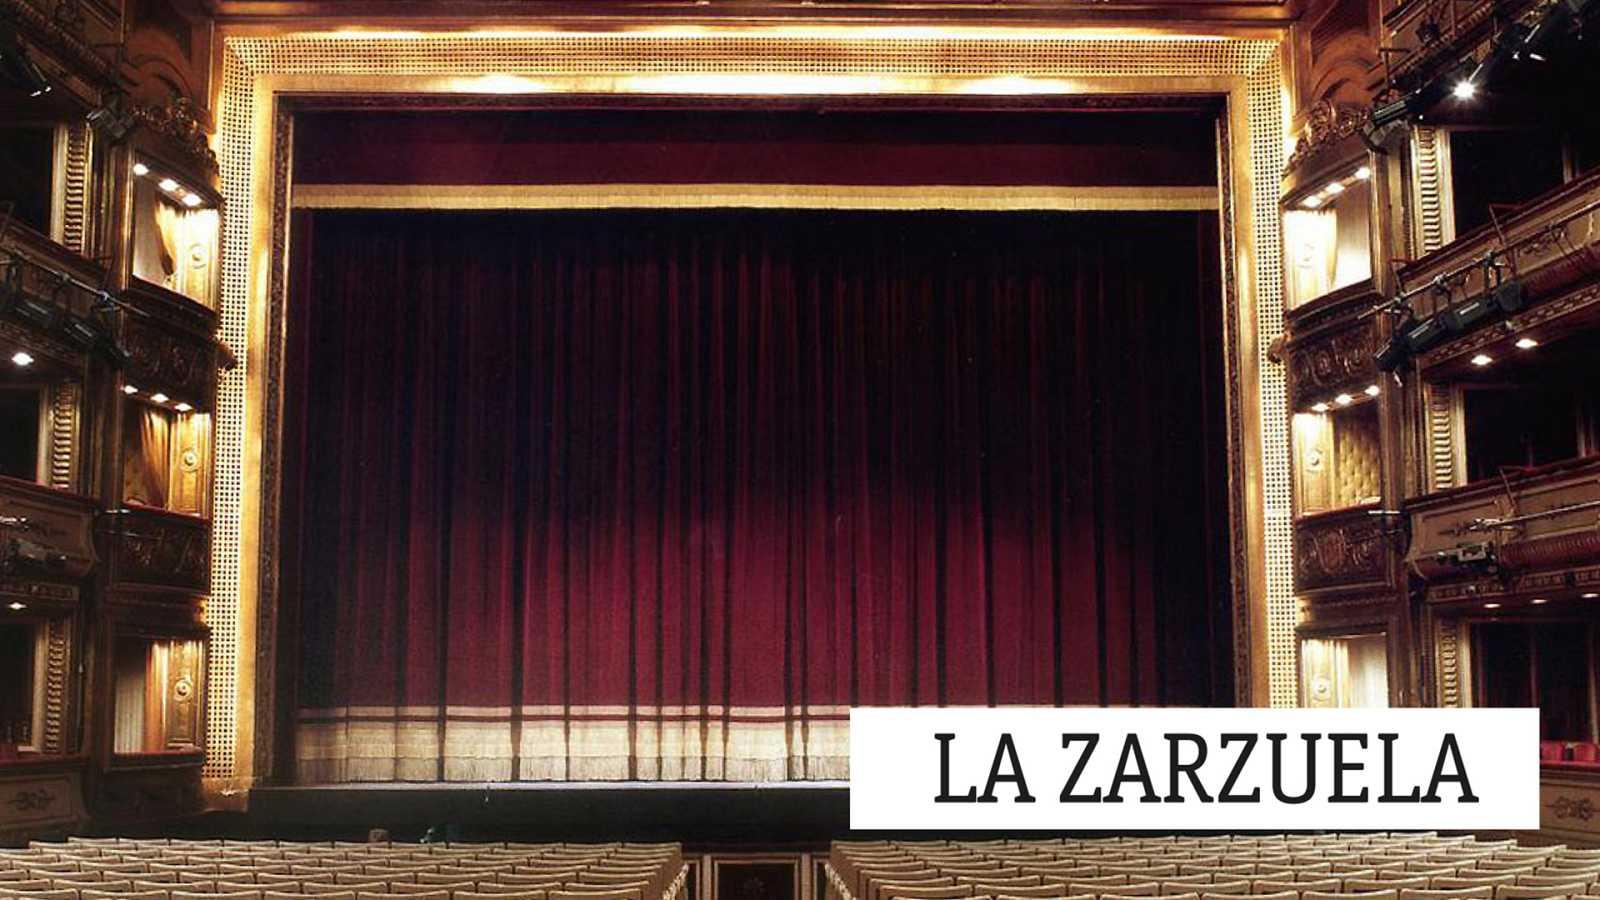 La zarzuela - El Teatro Calderón de Madrid - 24/03/21 - escuchar ahora